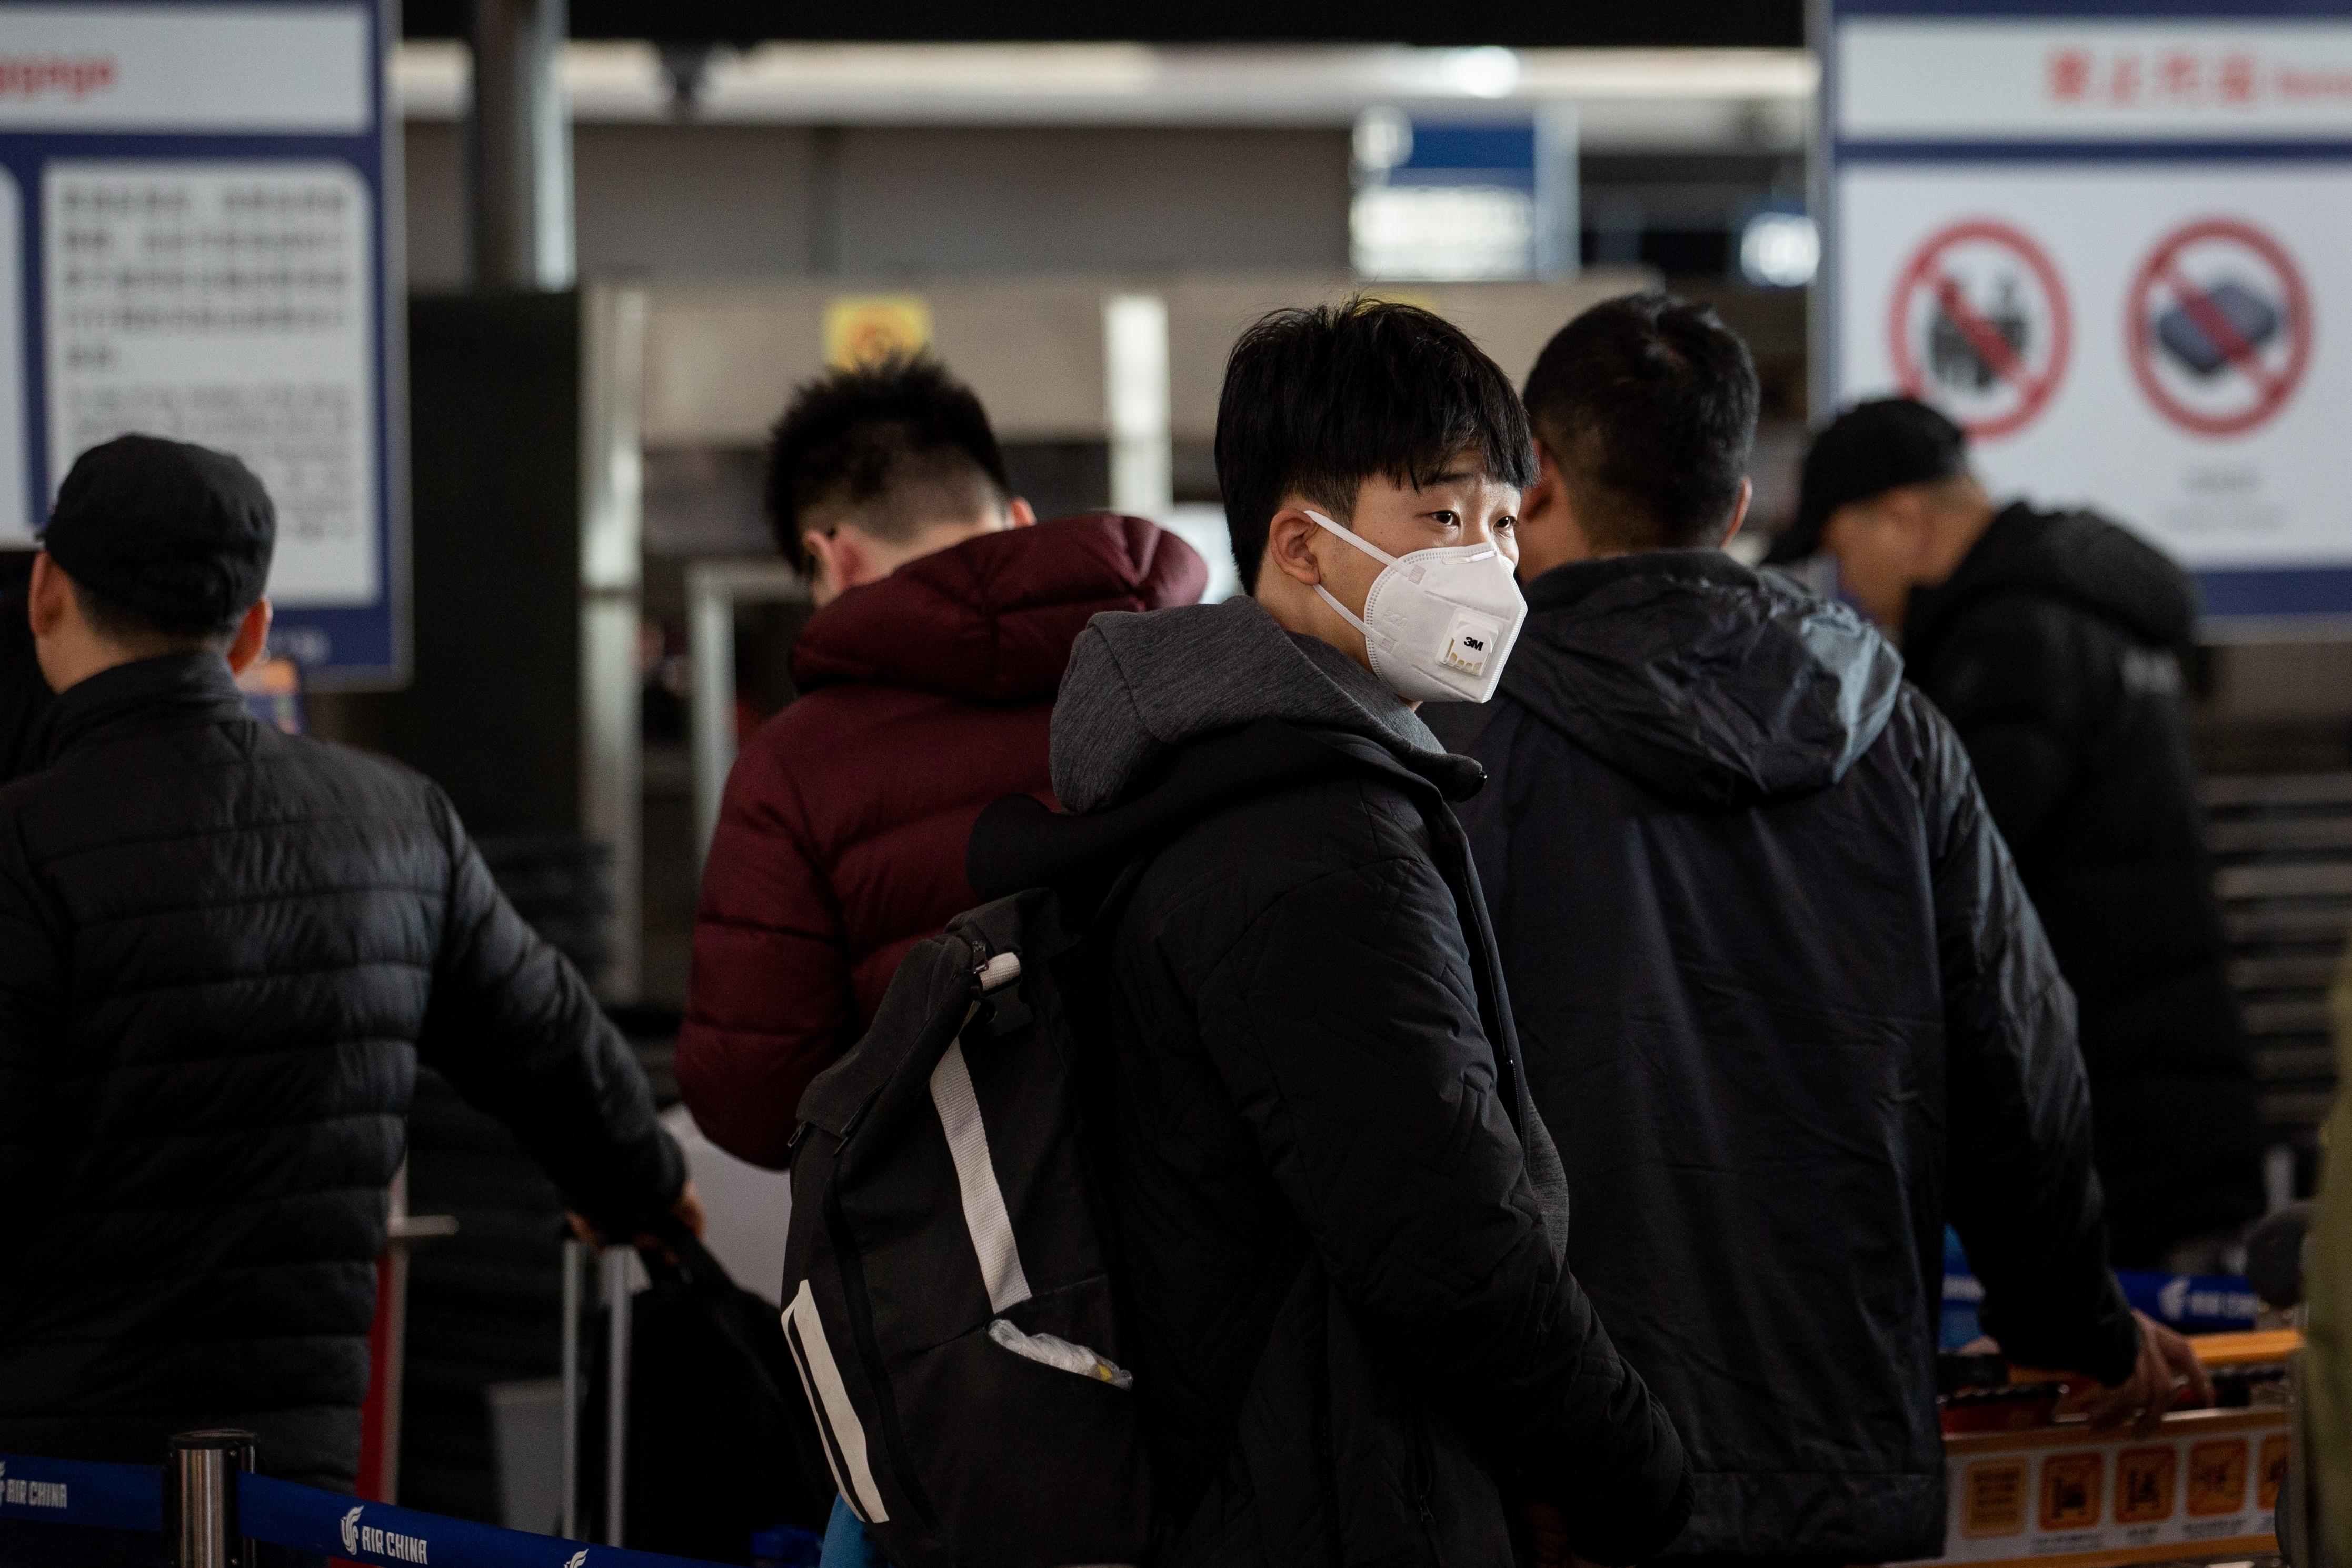 探访首都机场:旅客自备口罩,安检人员称未收到防控通知